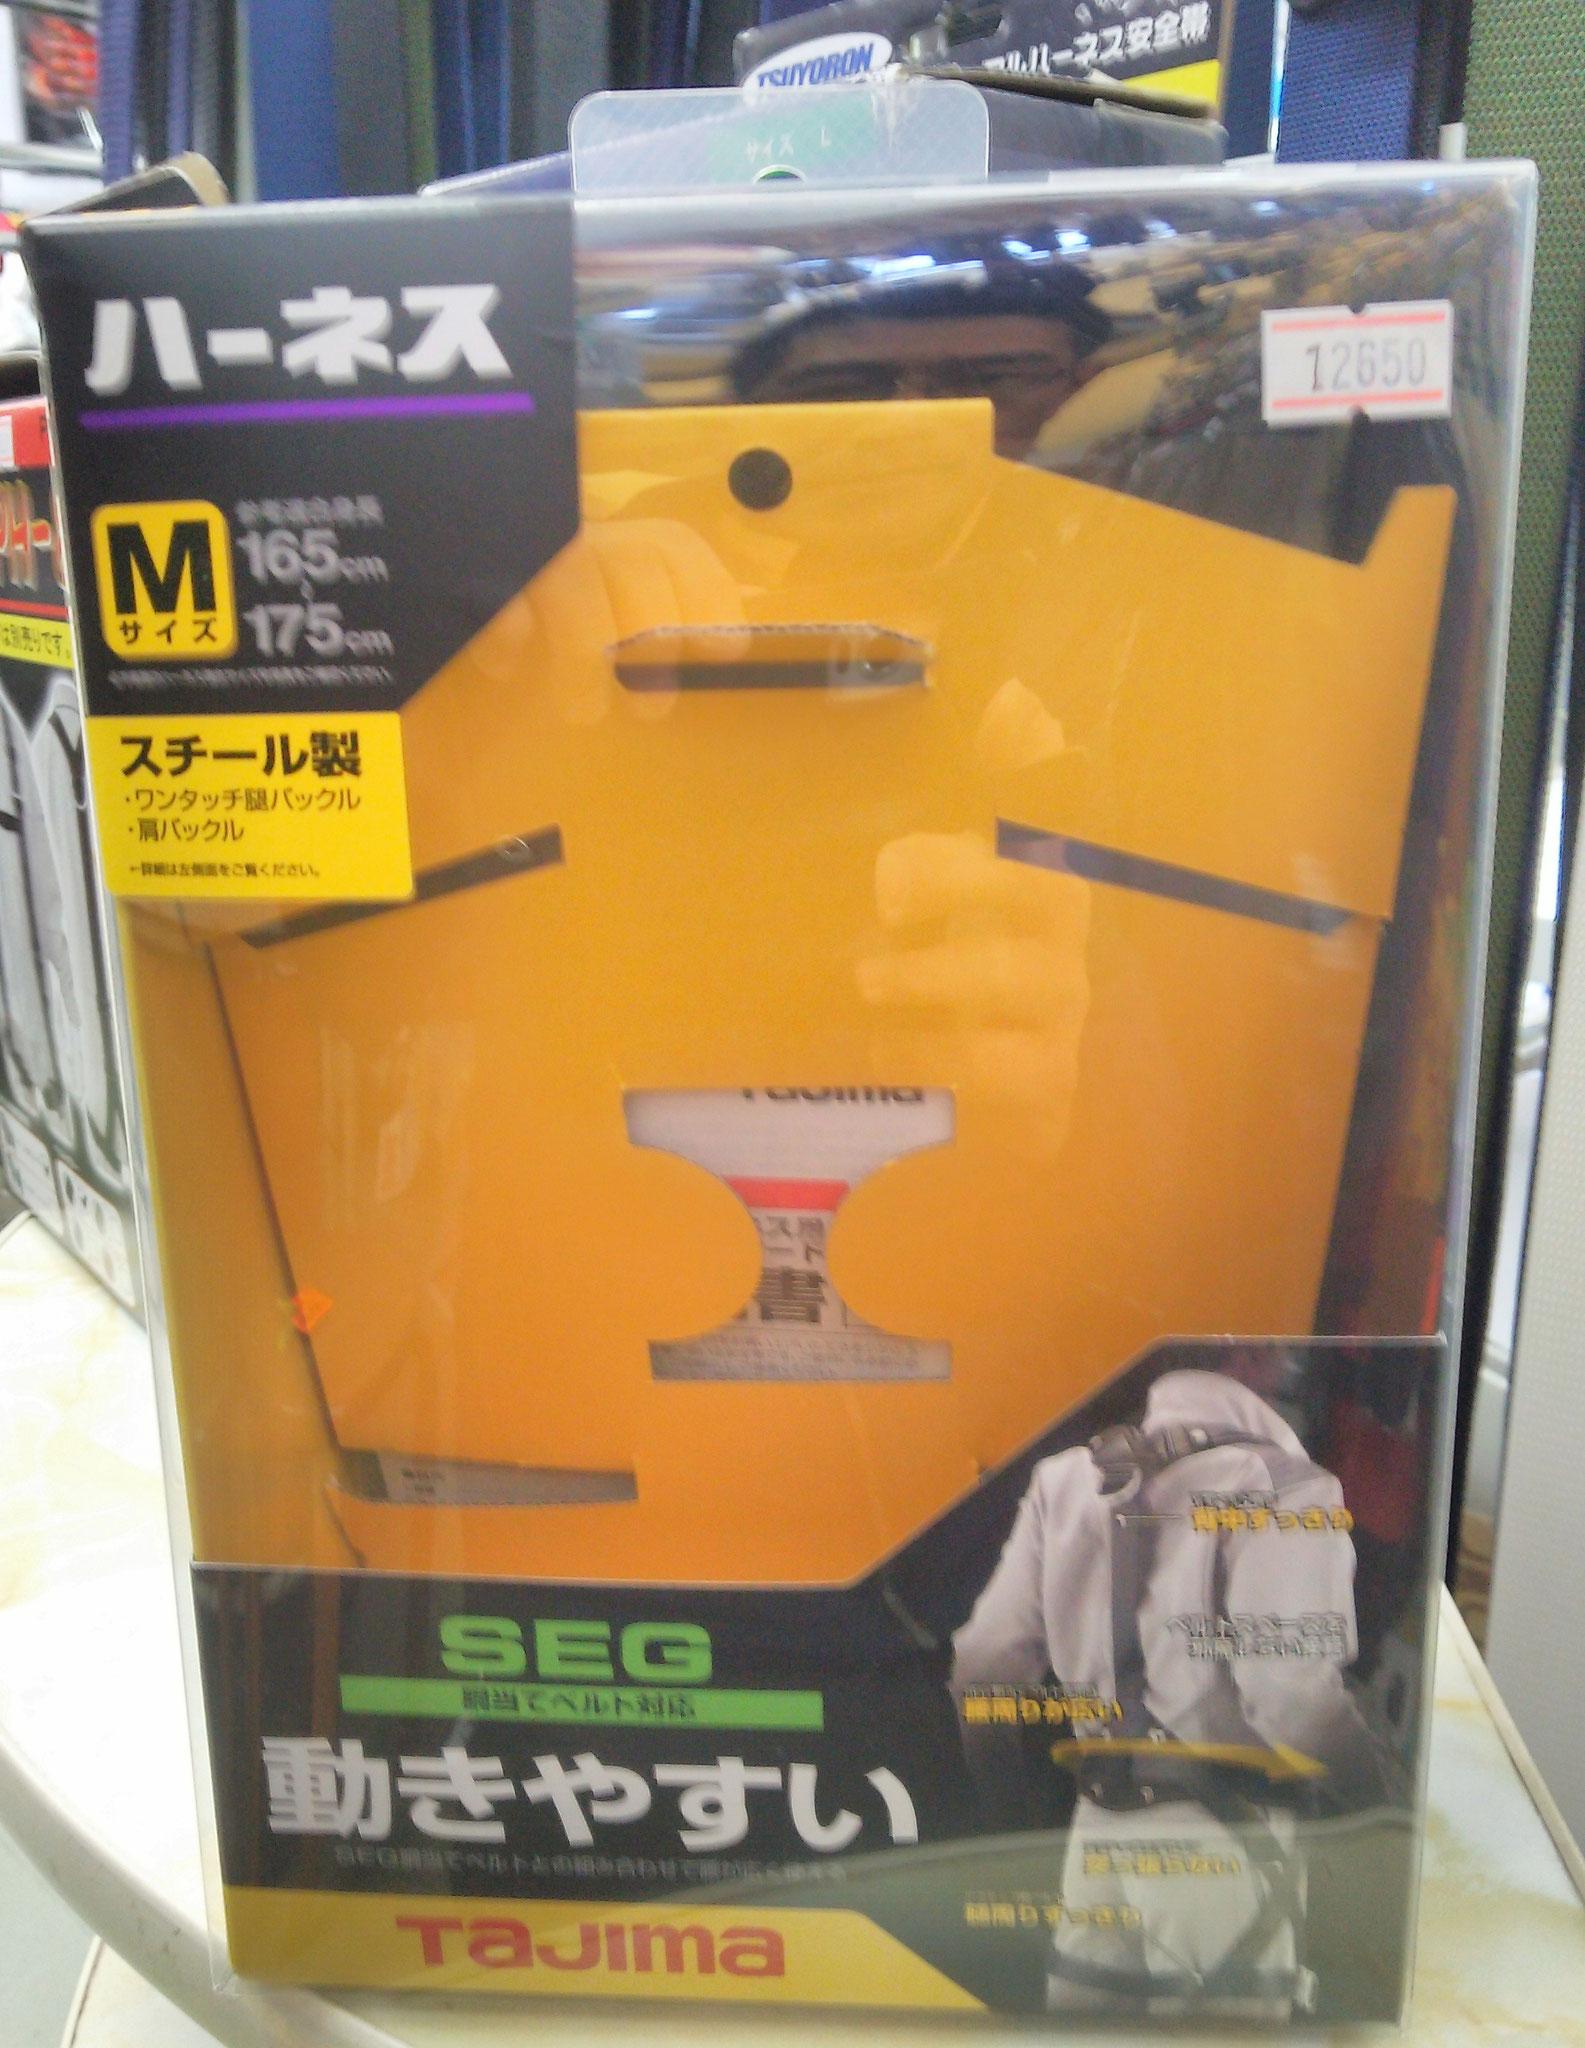 ハーネス型安全帯 ZSM-BK タジマの最新モデル 箱はこんな感じ ¥12,650(税込)